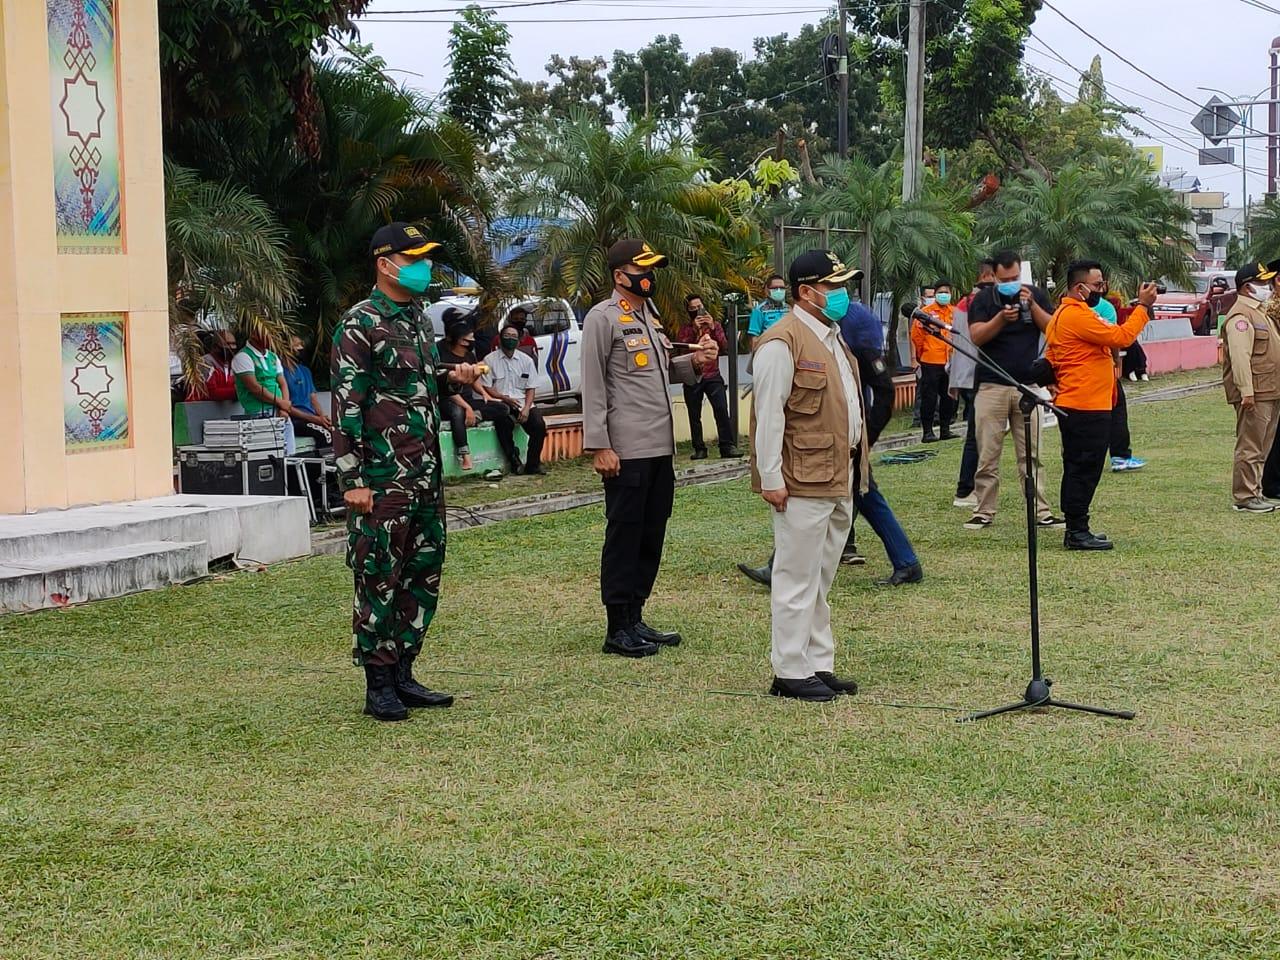 Bupati Kampar, Dandim 0313/KPR dan Kapolres Pimpin Apel Gabungan untuk Sosialisasi Perbup